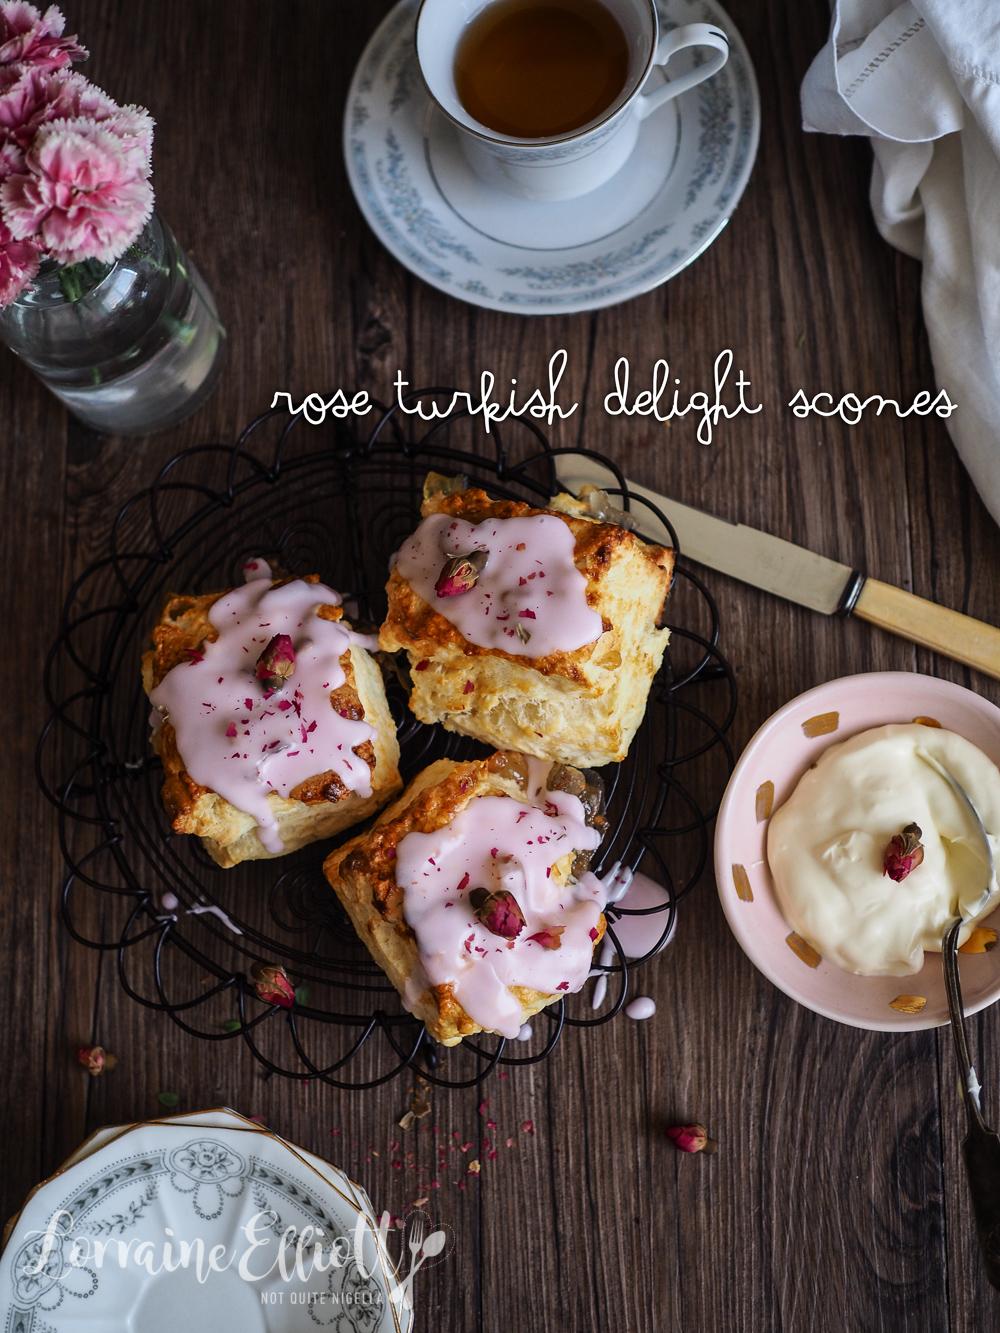 Rose Turkish Delight Scones